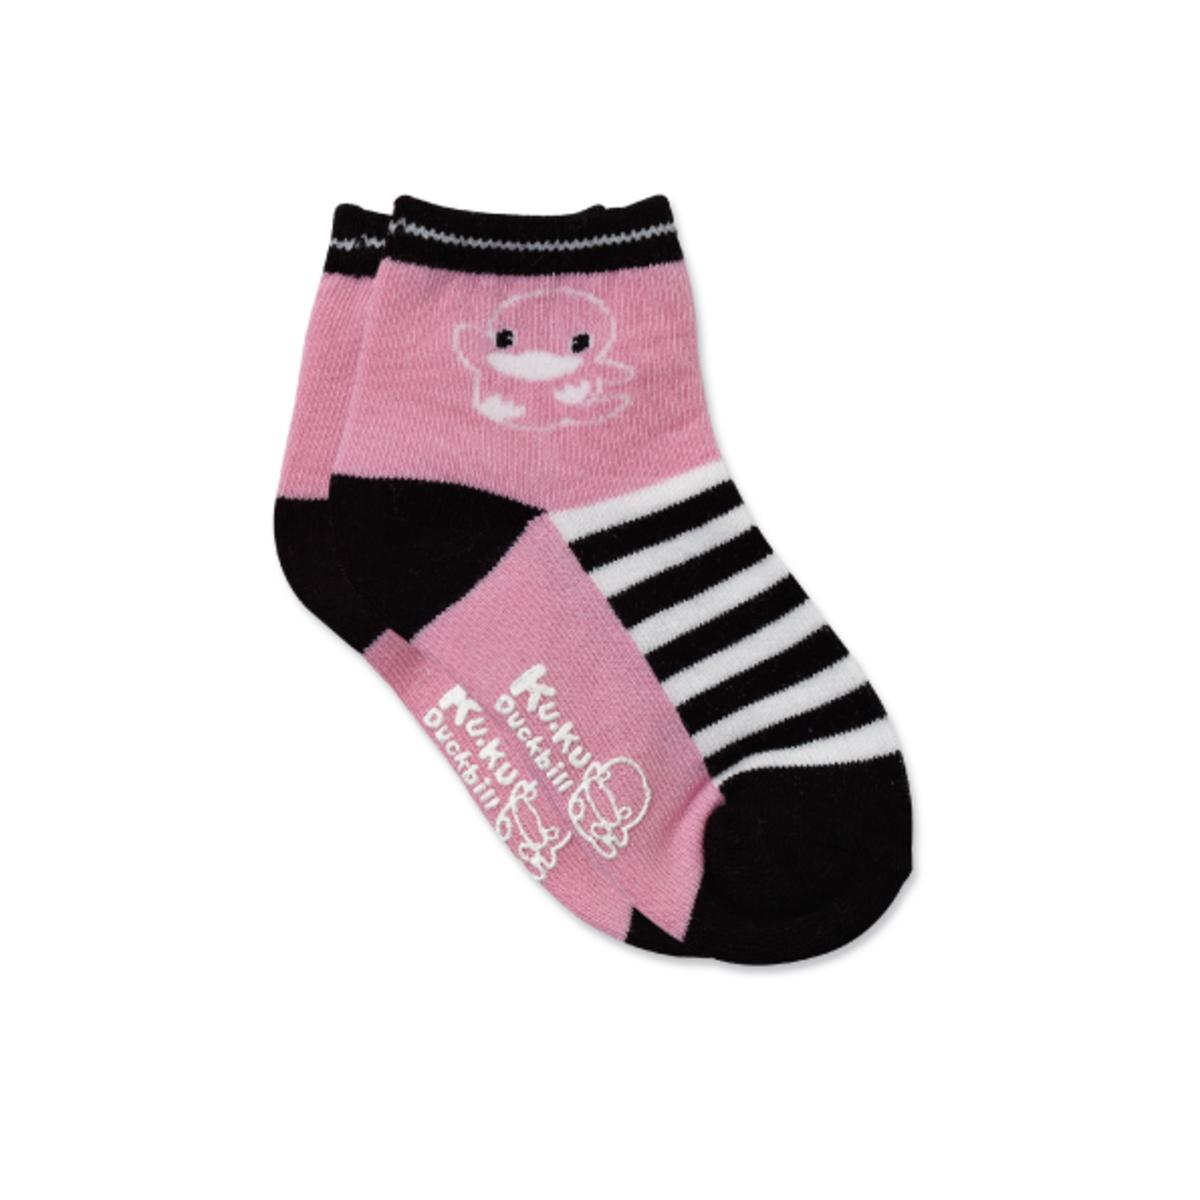 Skid-Proof Socks -Pink (size: L)